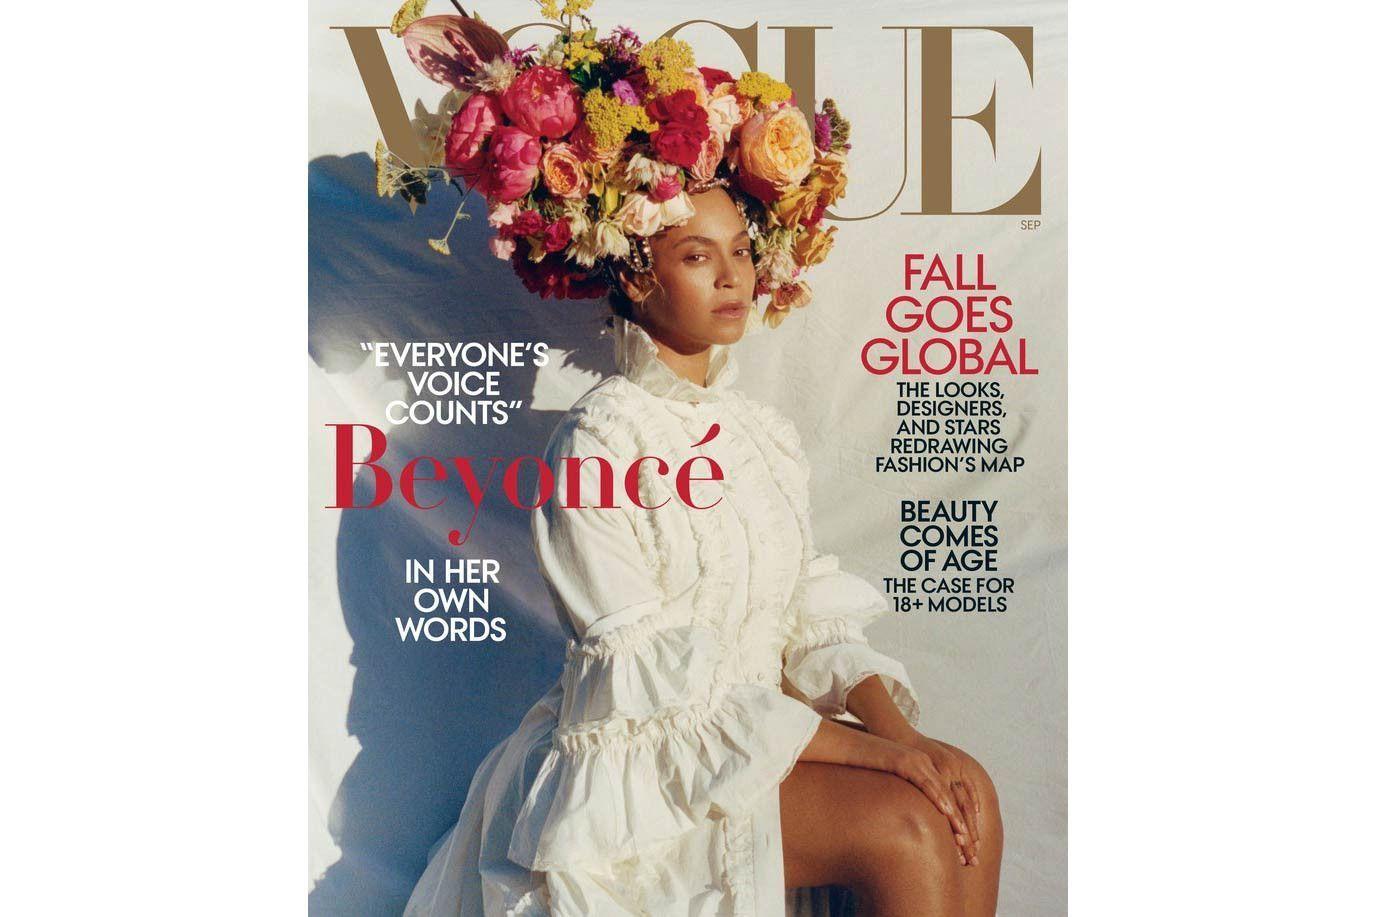 Beyoncé | Vogue Sept 2018